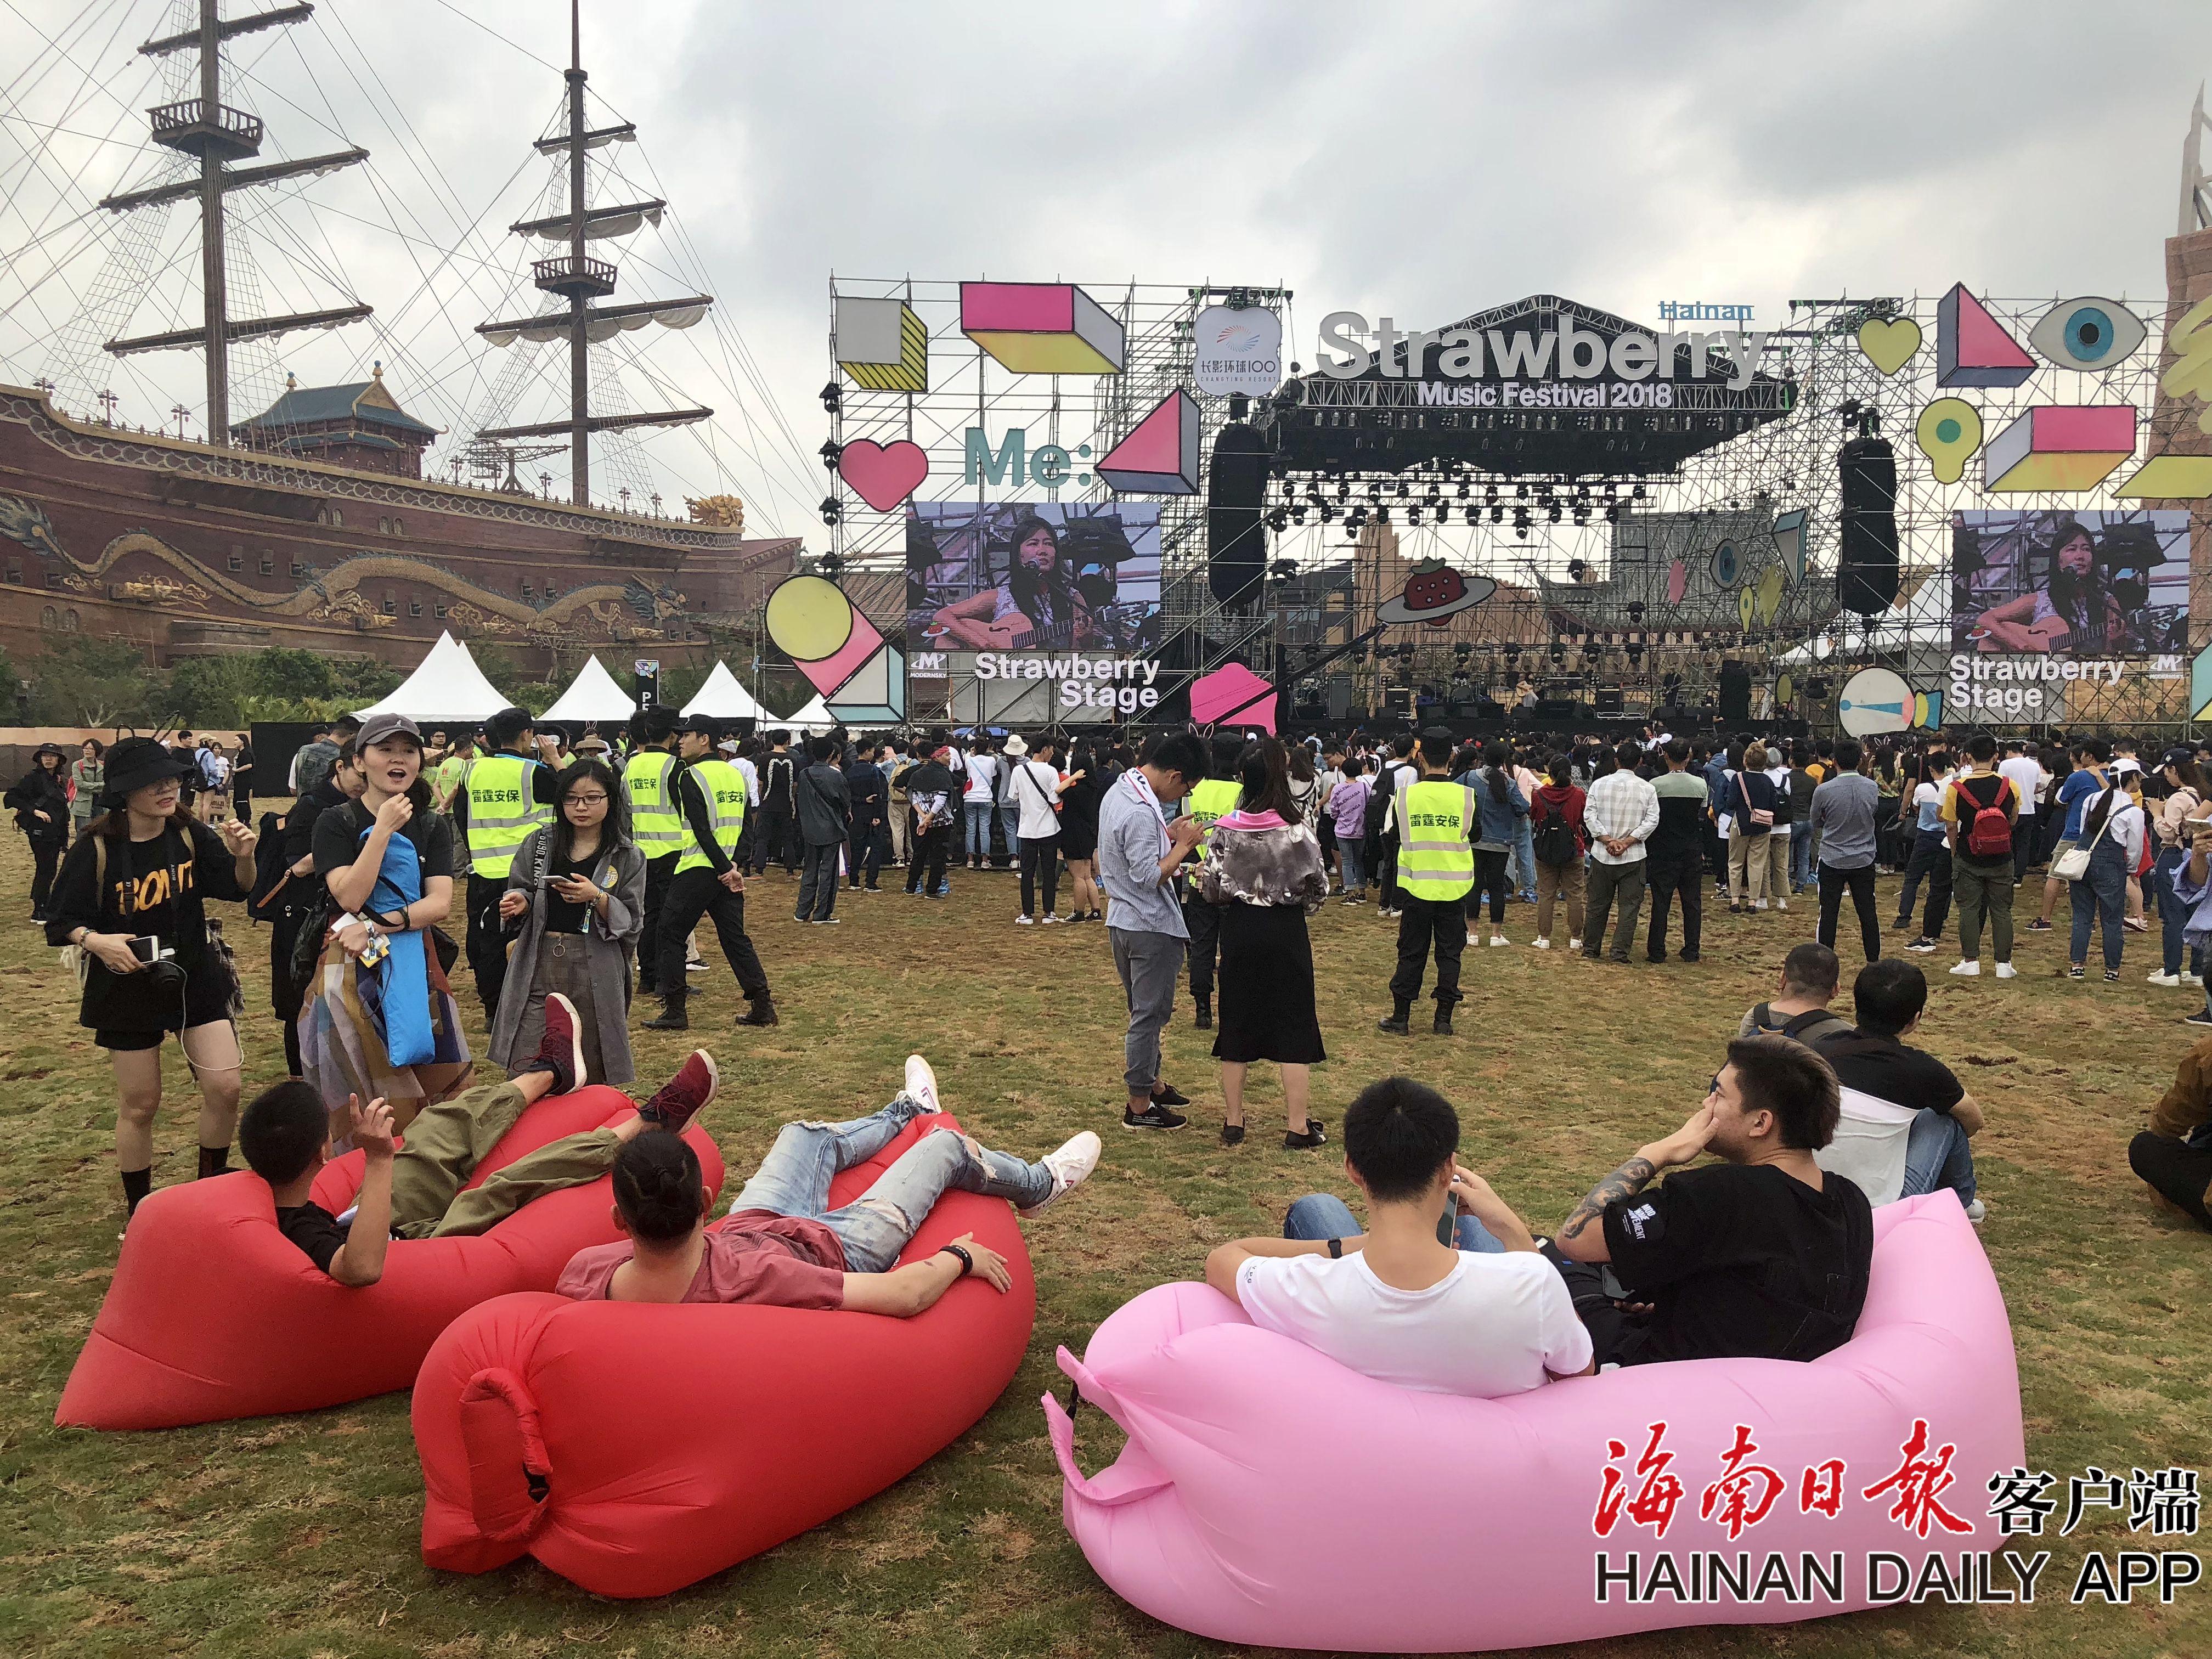 组图|草莓音乐节首次海南开唱 观众热情似火